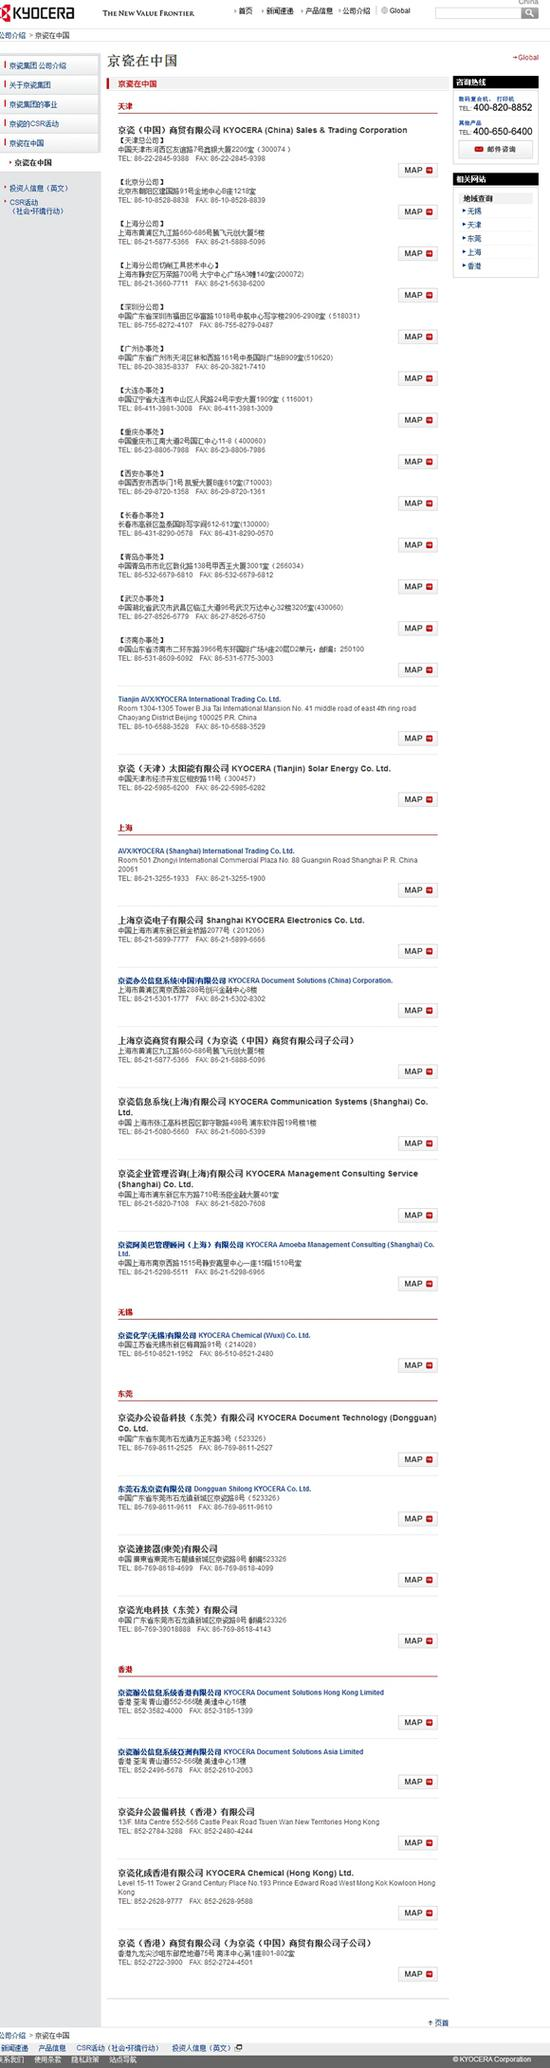 澳门赌博的网址:官网地图抹去大半中国_日企致歉后存留板块无台湾